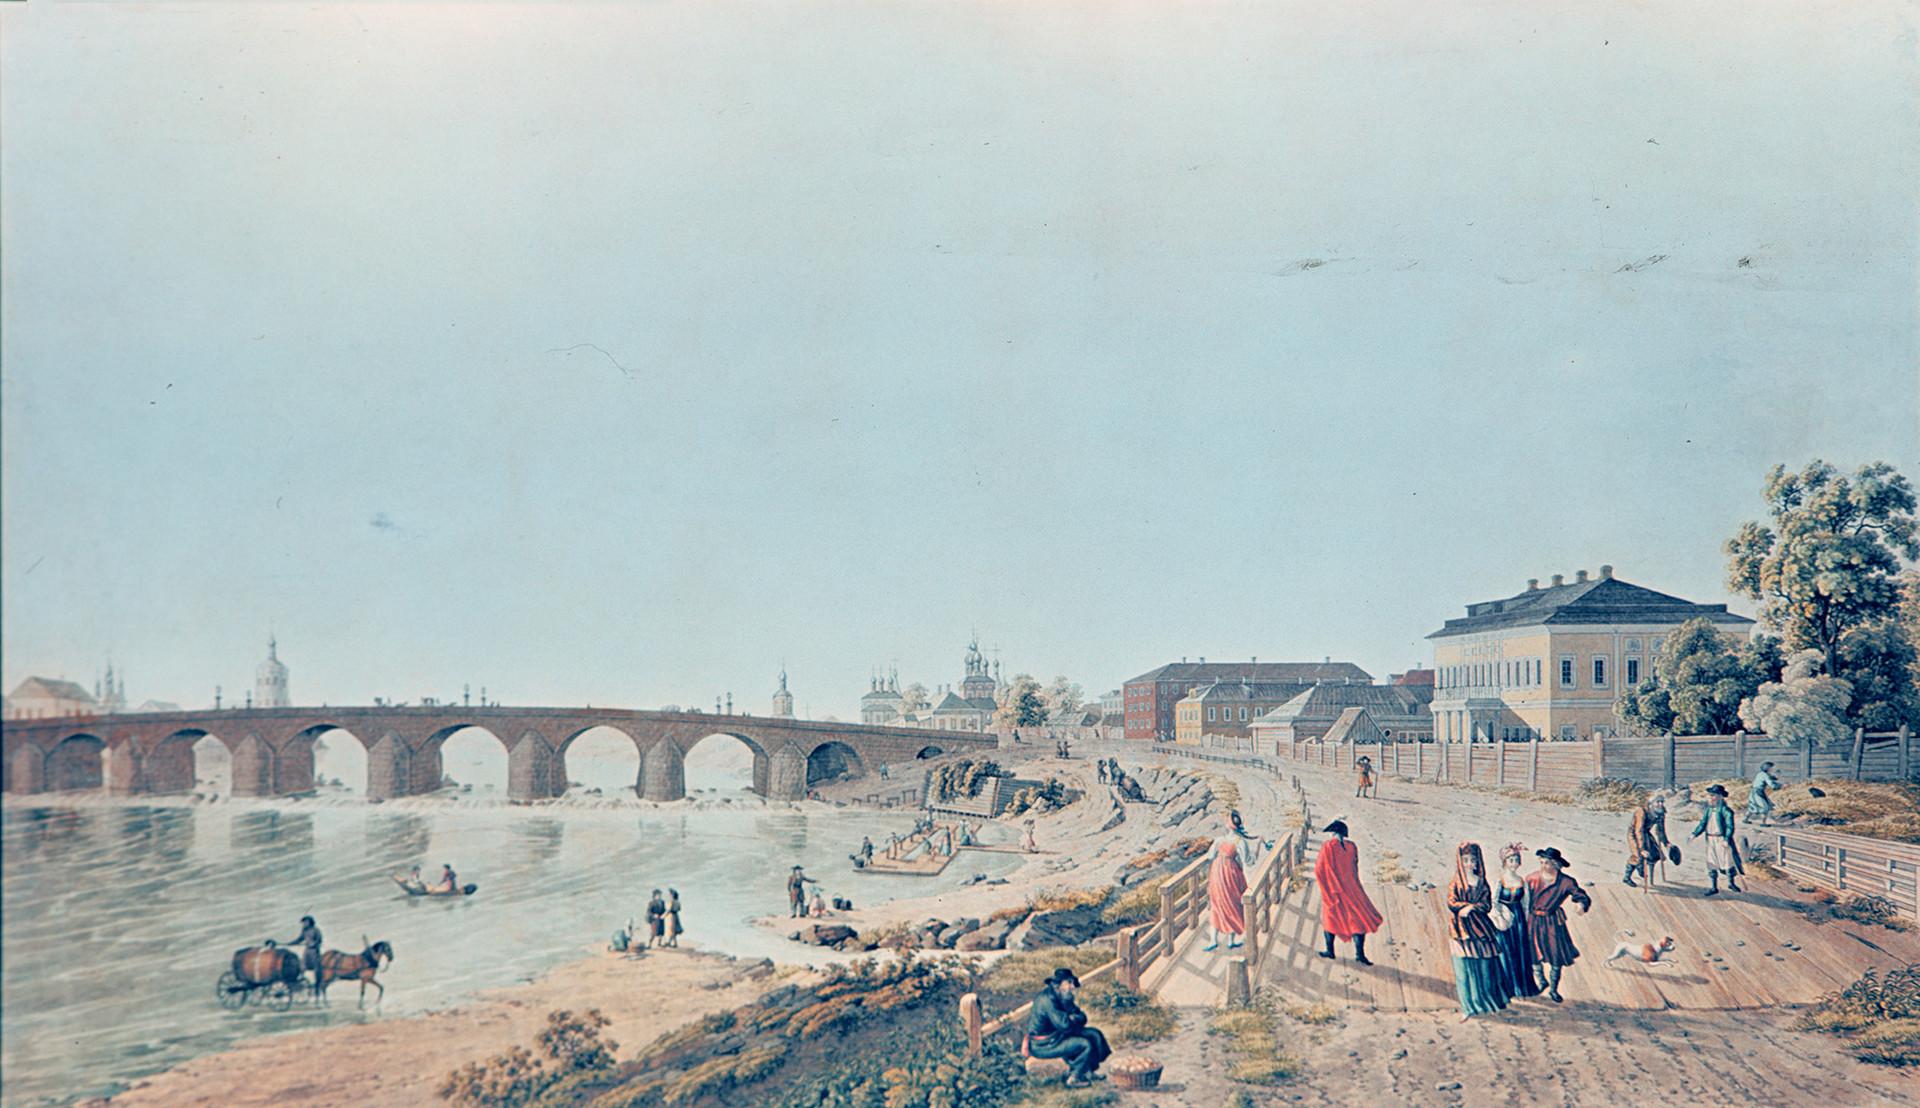 'Vista al puente Bolshói Kámenni y sus alrededores' (1796), obra de Gérard de la Barthe.